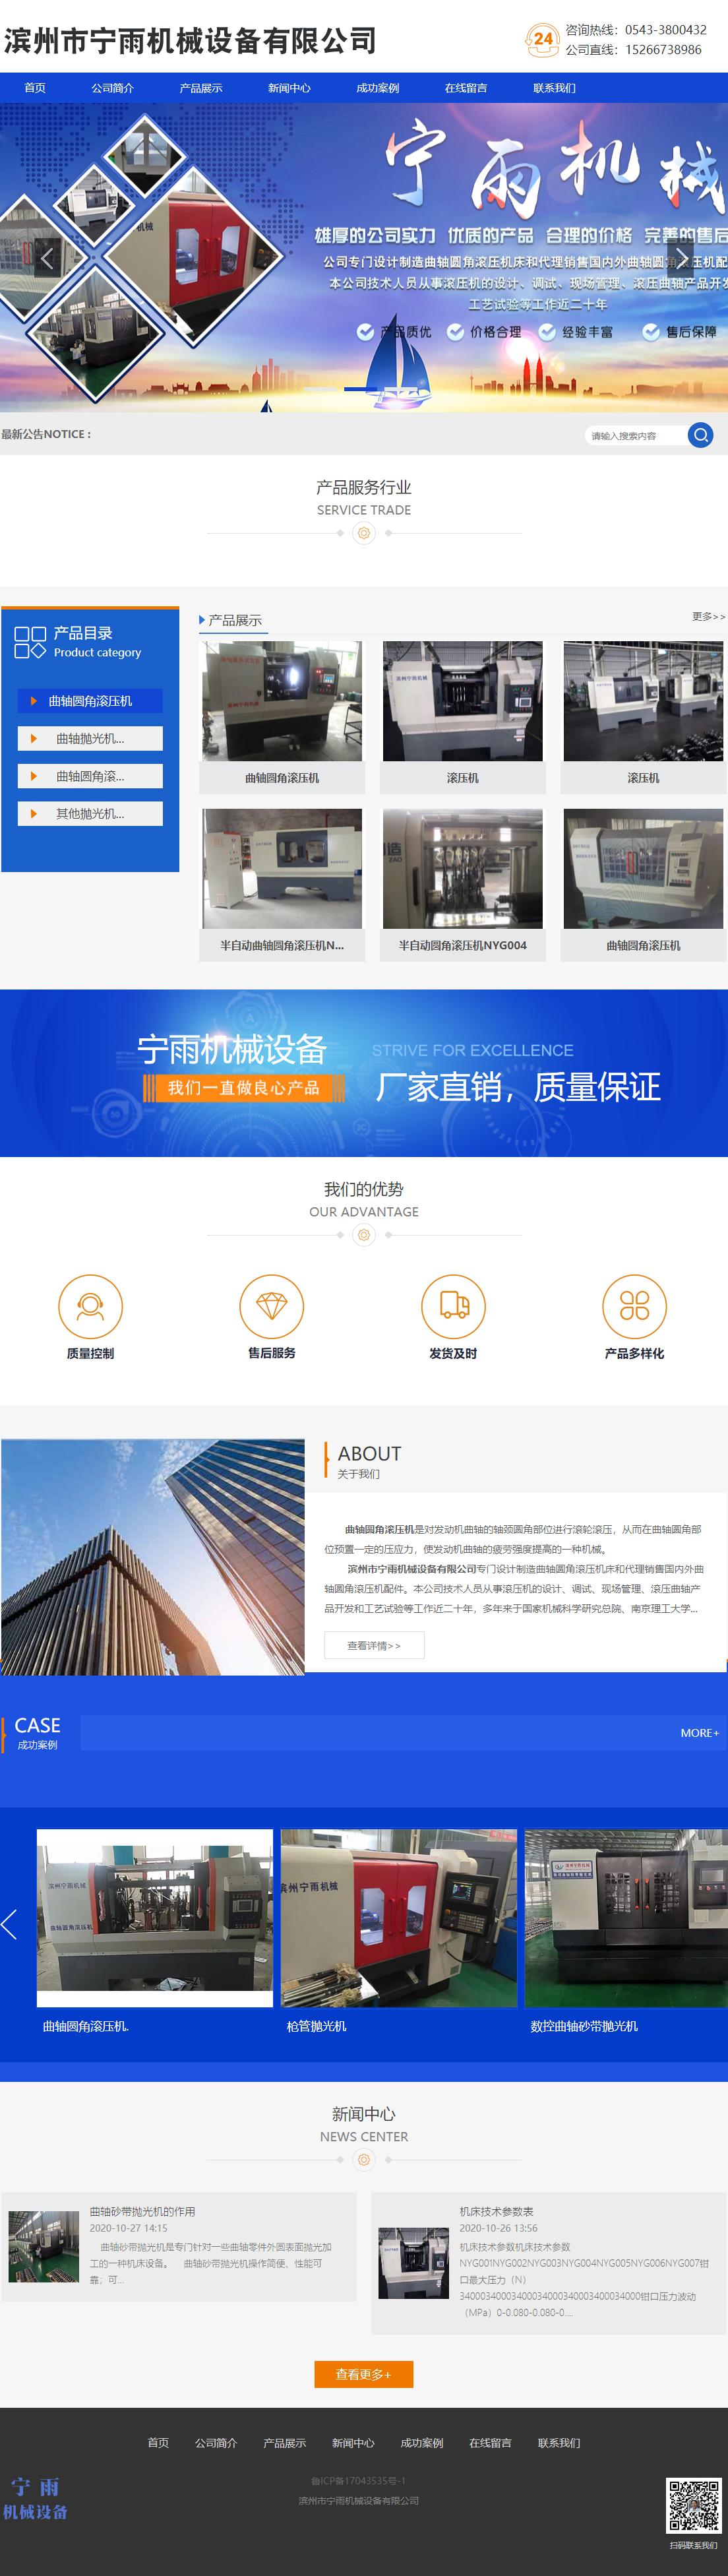 滨州市宁雨机械设备有限公司网站案例